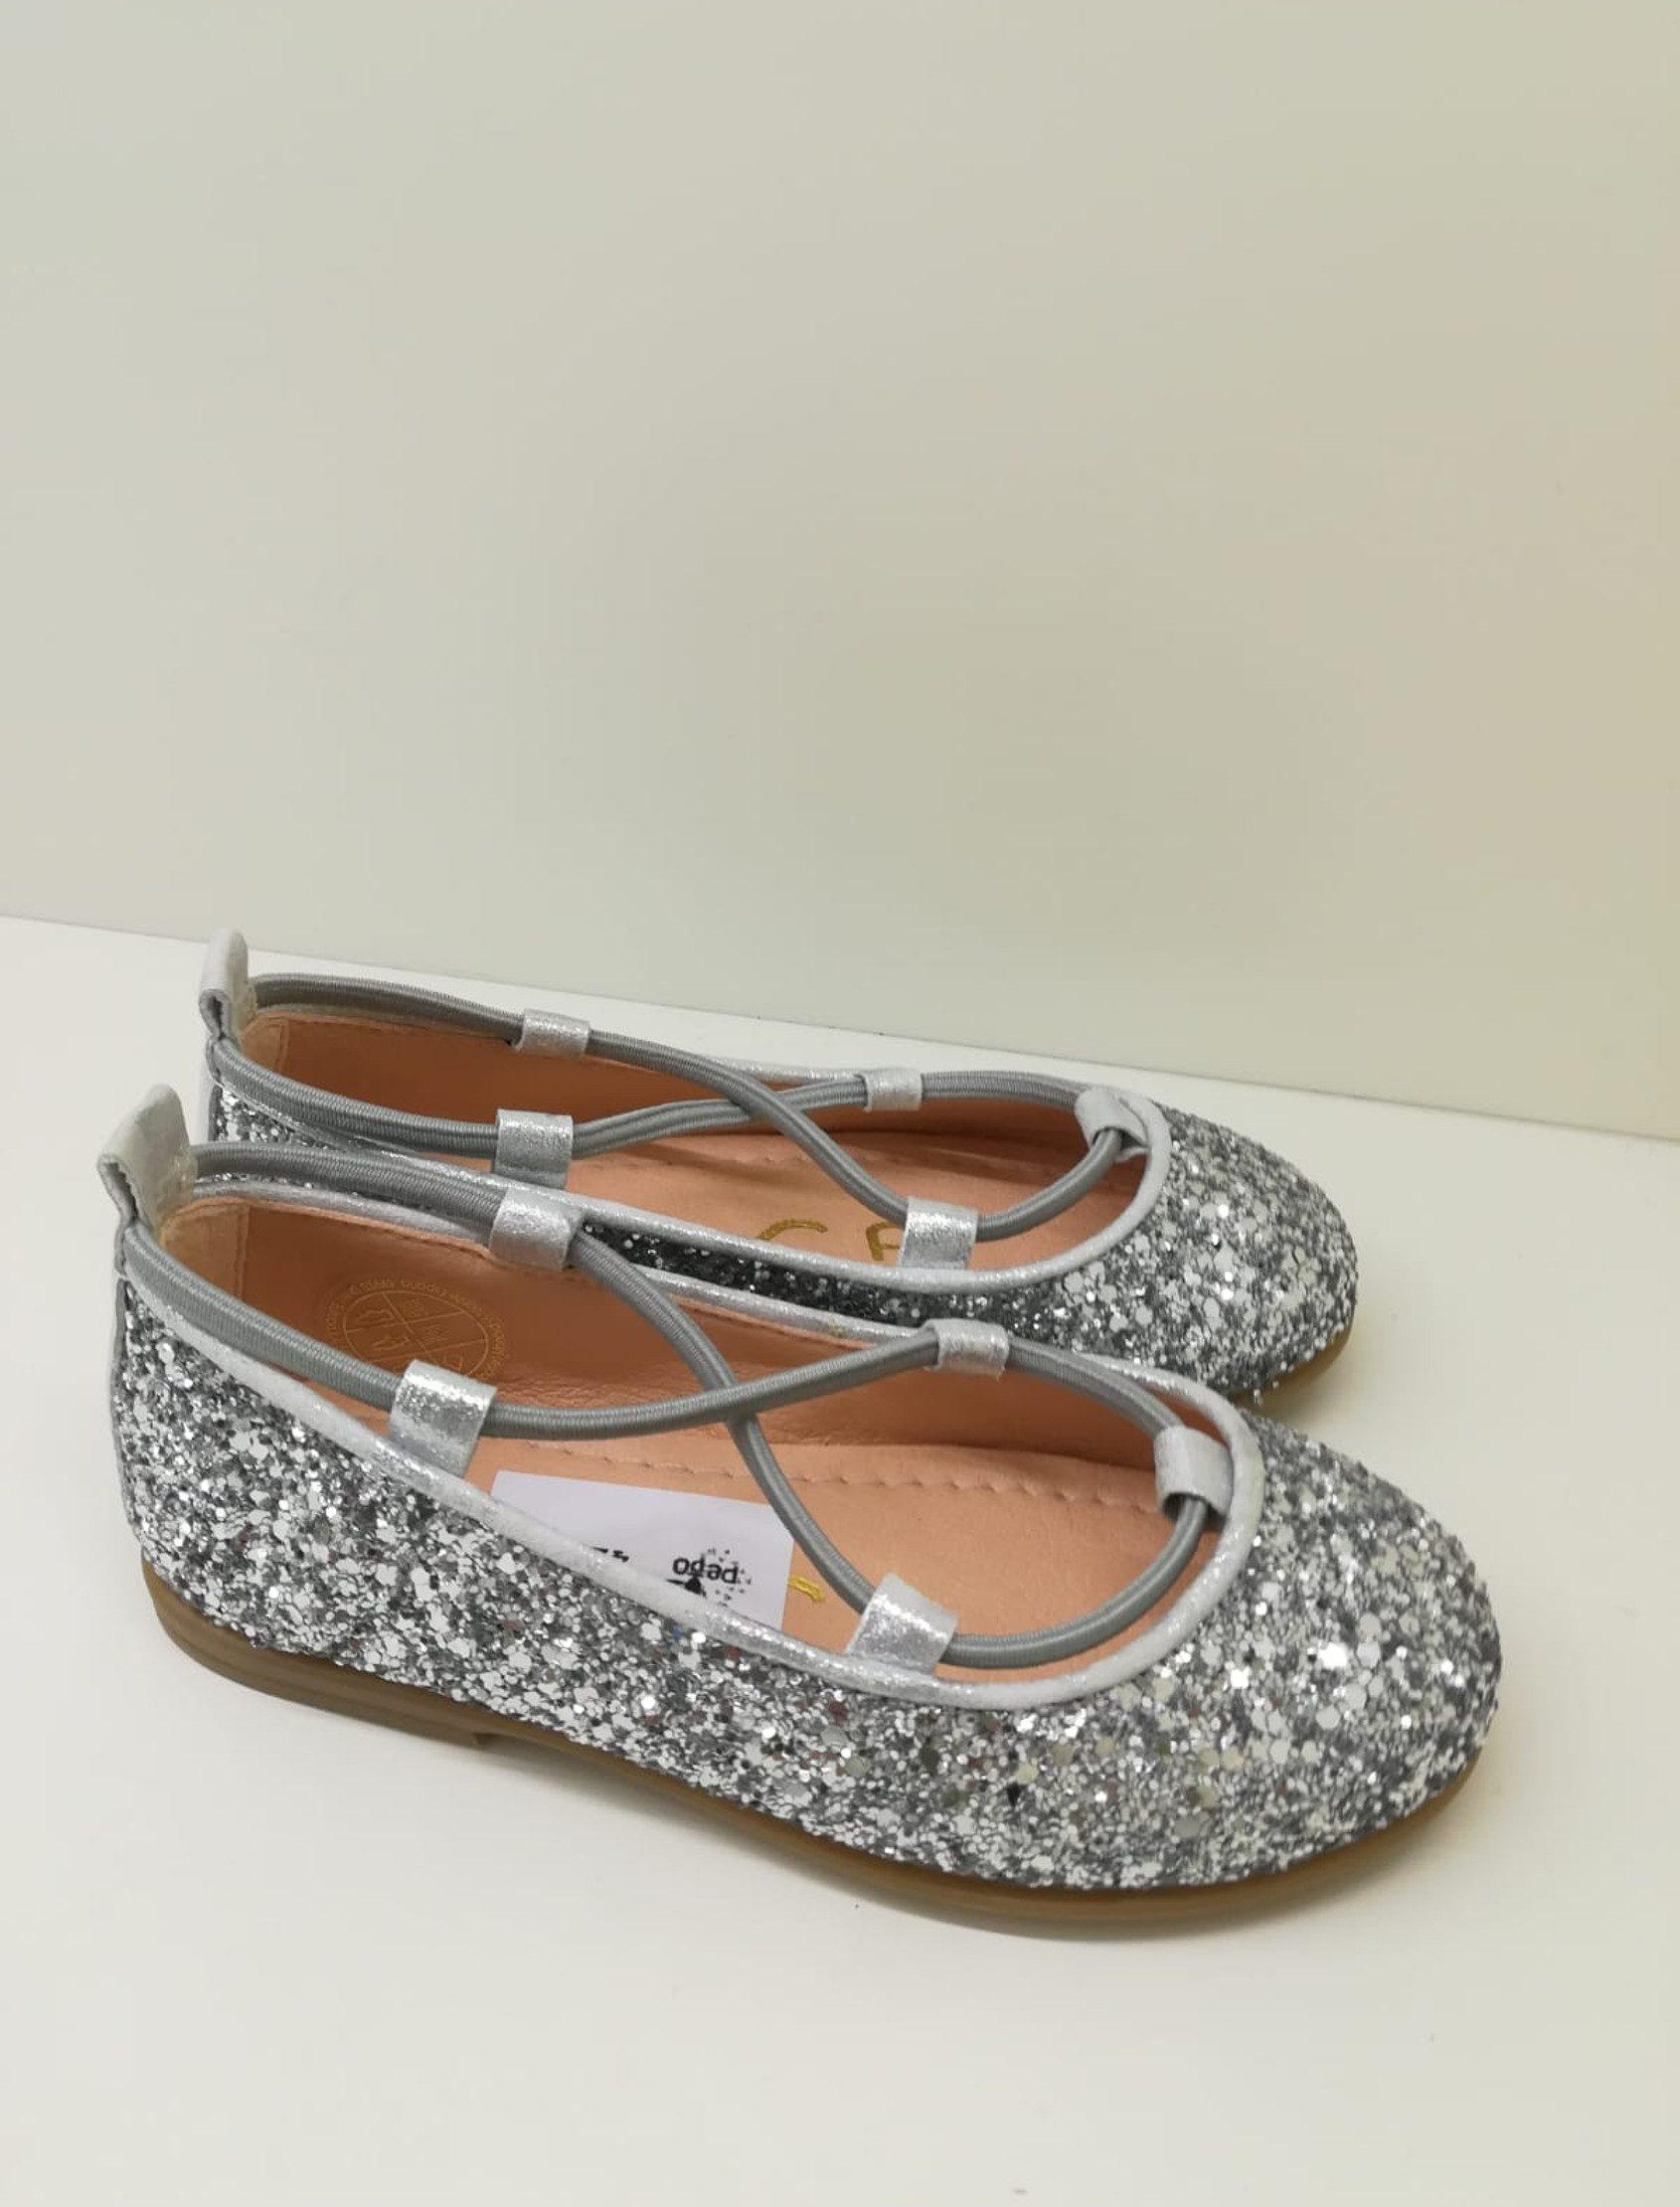 Bailarina en piel glitter plata, con gomas muy suaves para un mejor agarre. Súper blanditas y cómodas.